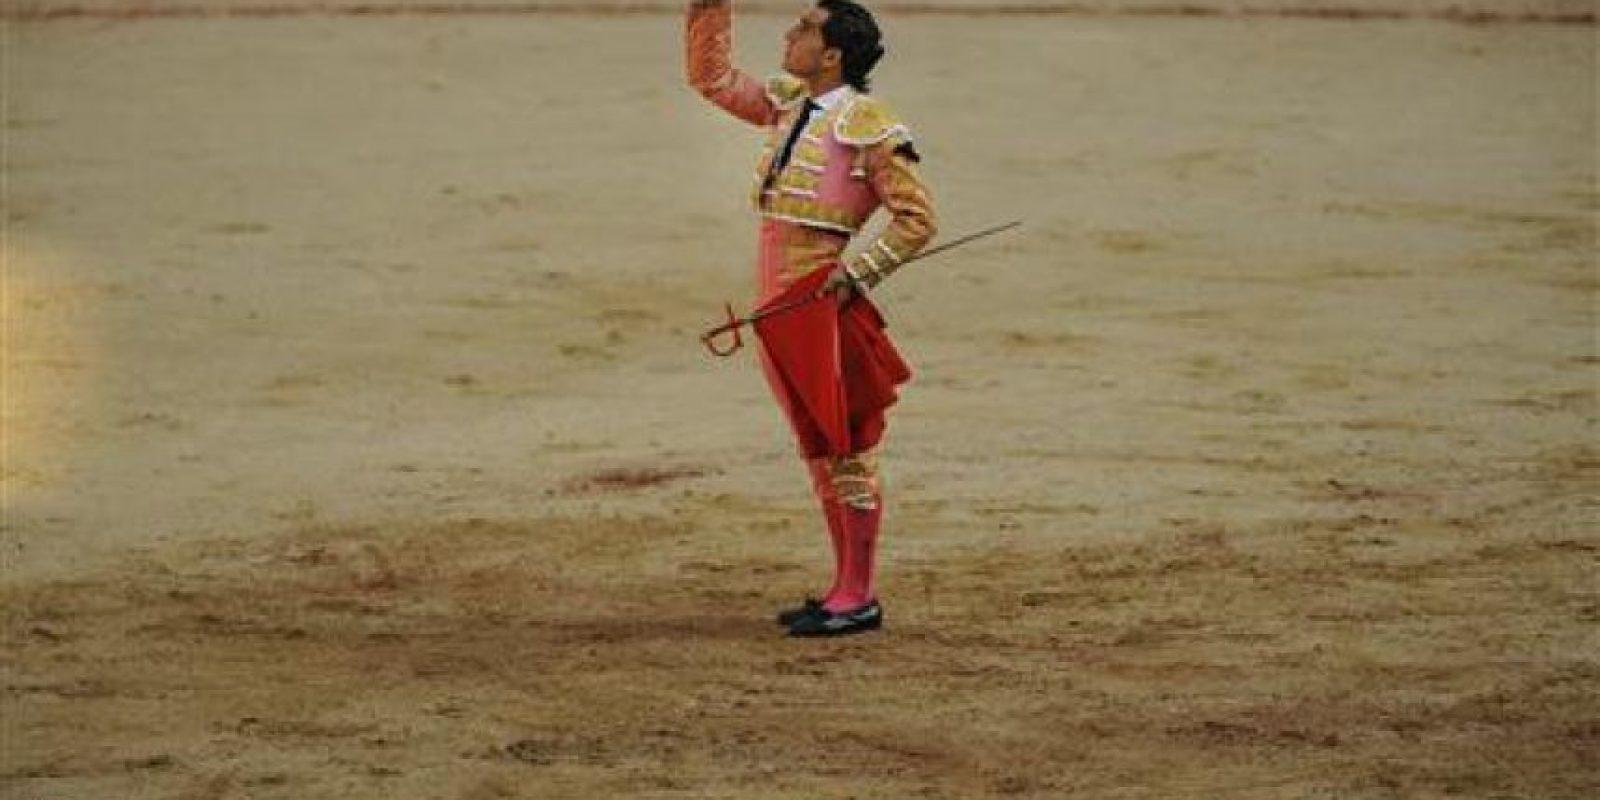 Además acompañó sus tuits con un poema de José León Foto:AP. Imagen Por: